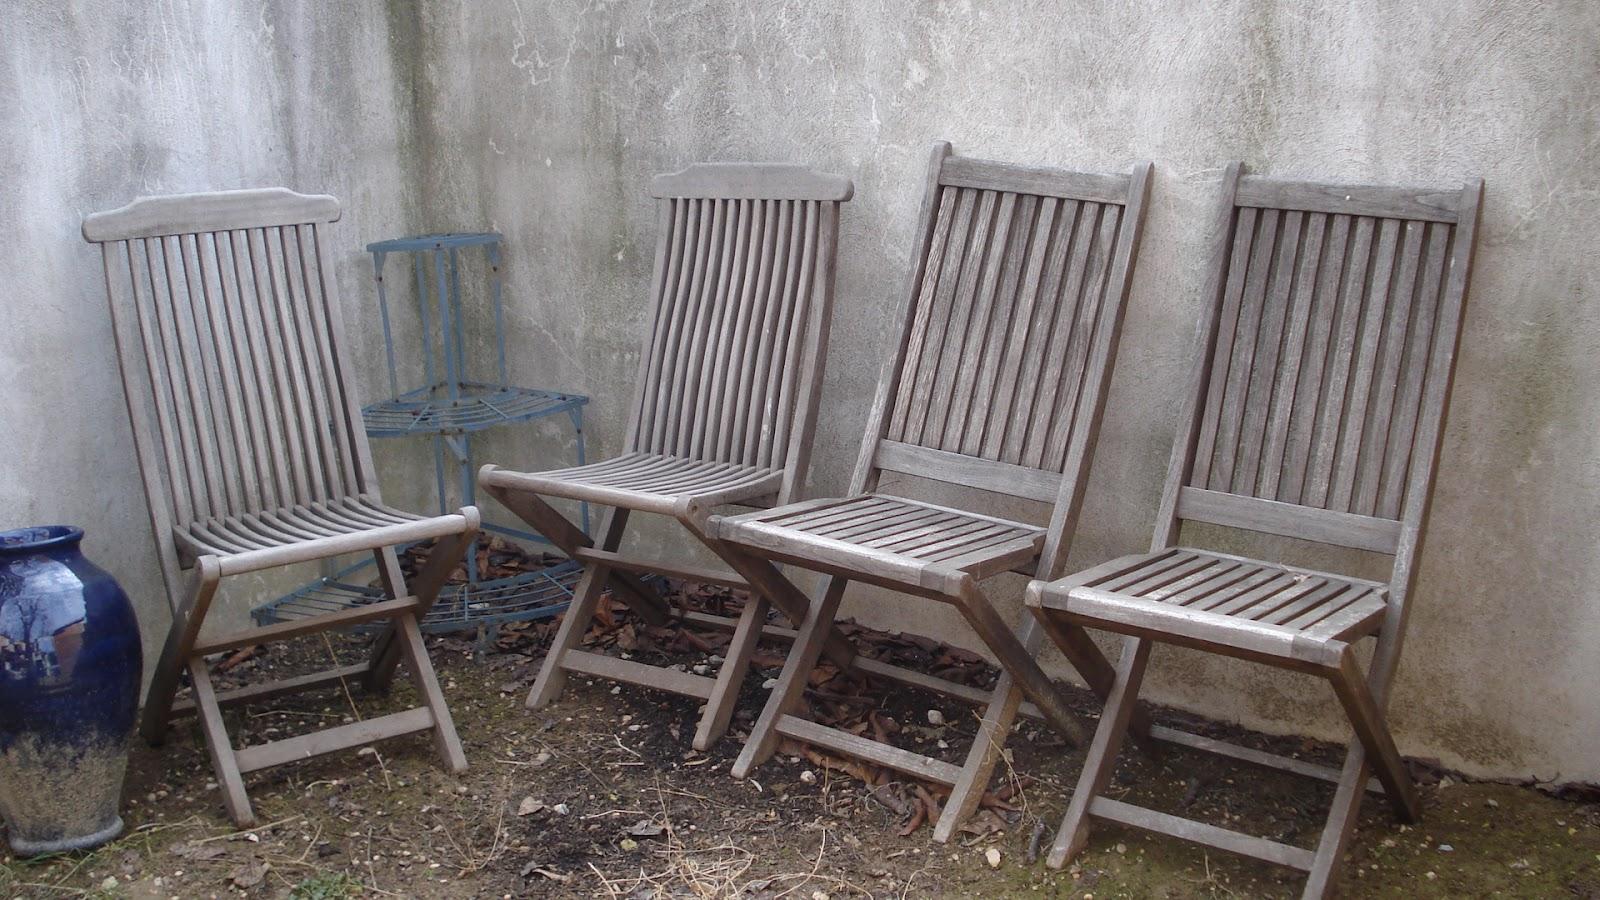 nini vide sa maison vendues 4 chaises de jardin en bois exotique. Black Bedroom Furniture Sets. Home Design Ideas